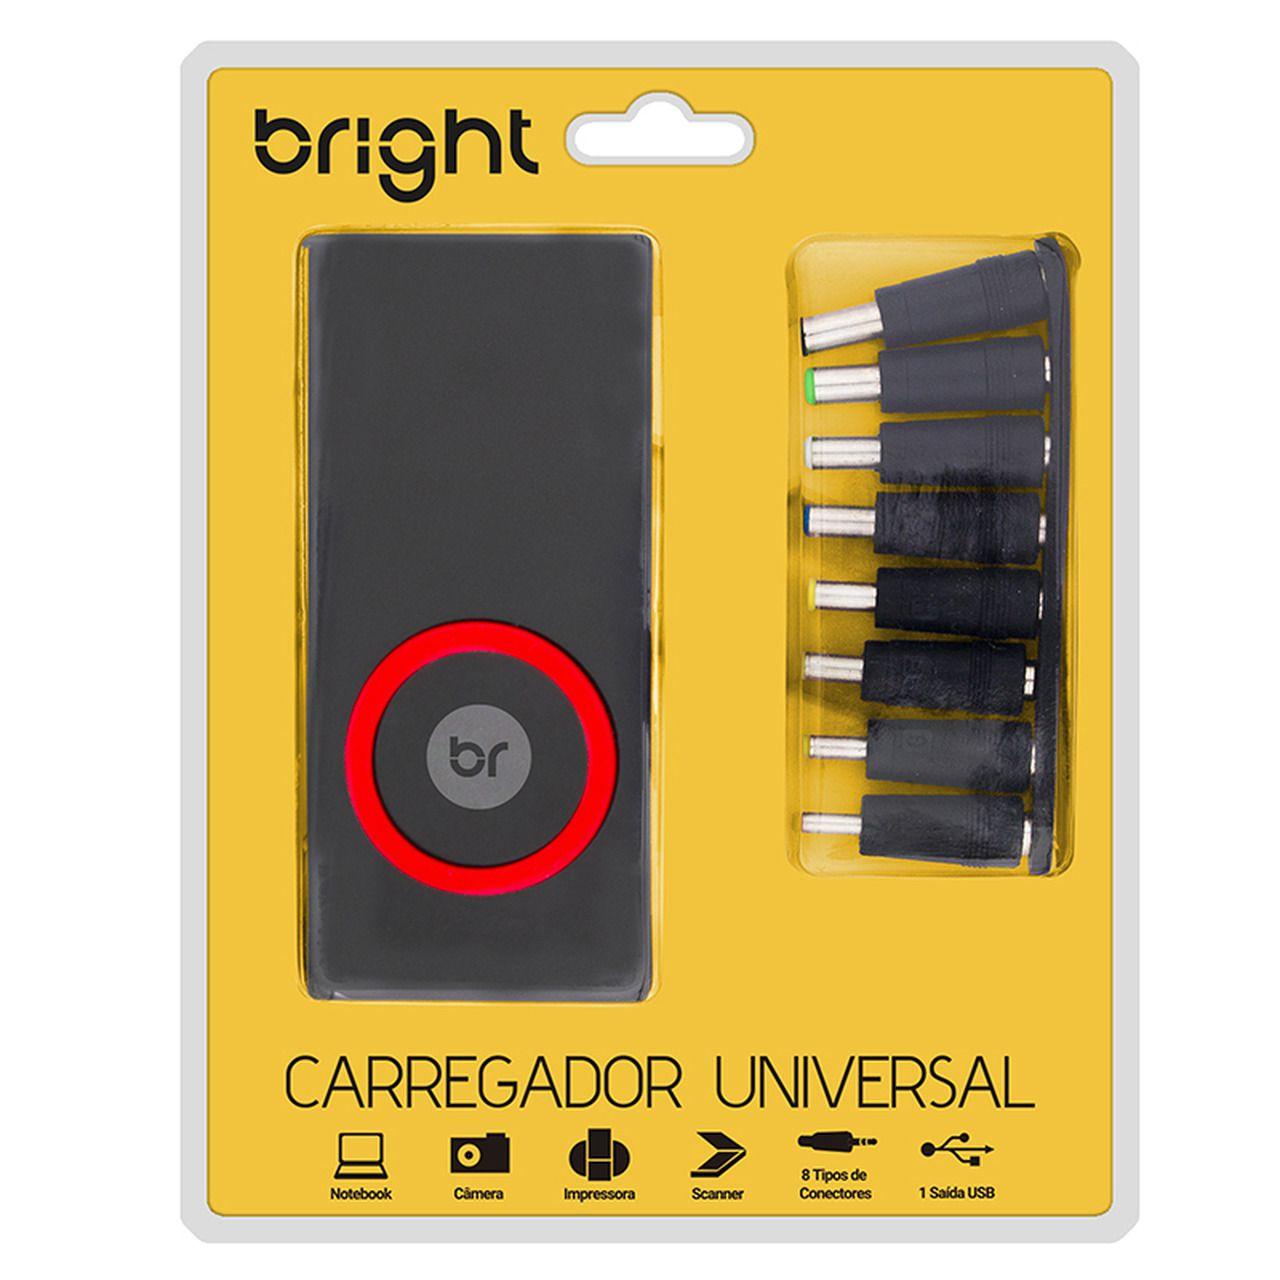 Fonte Universal Carregador para Notebook Com 8 Adaptadores 167 Bright